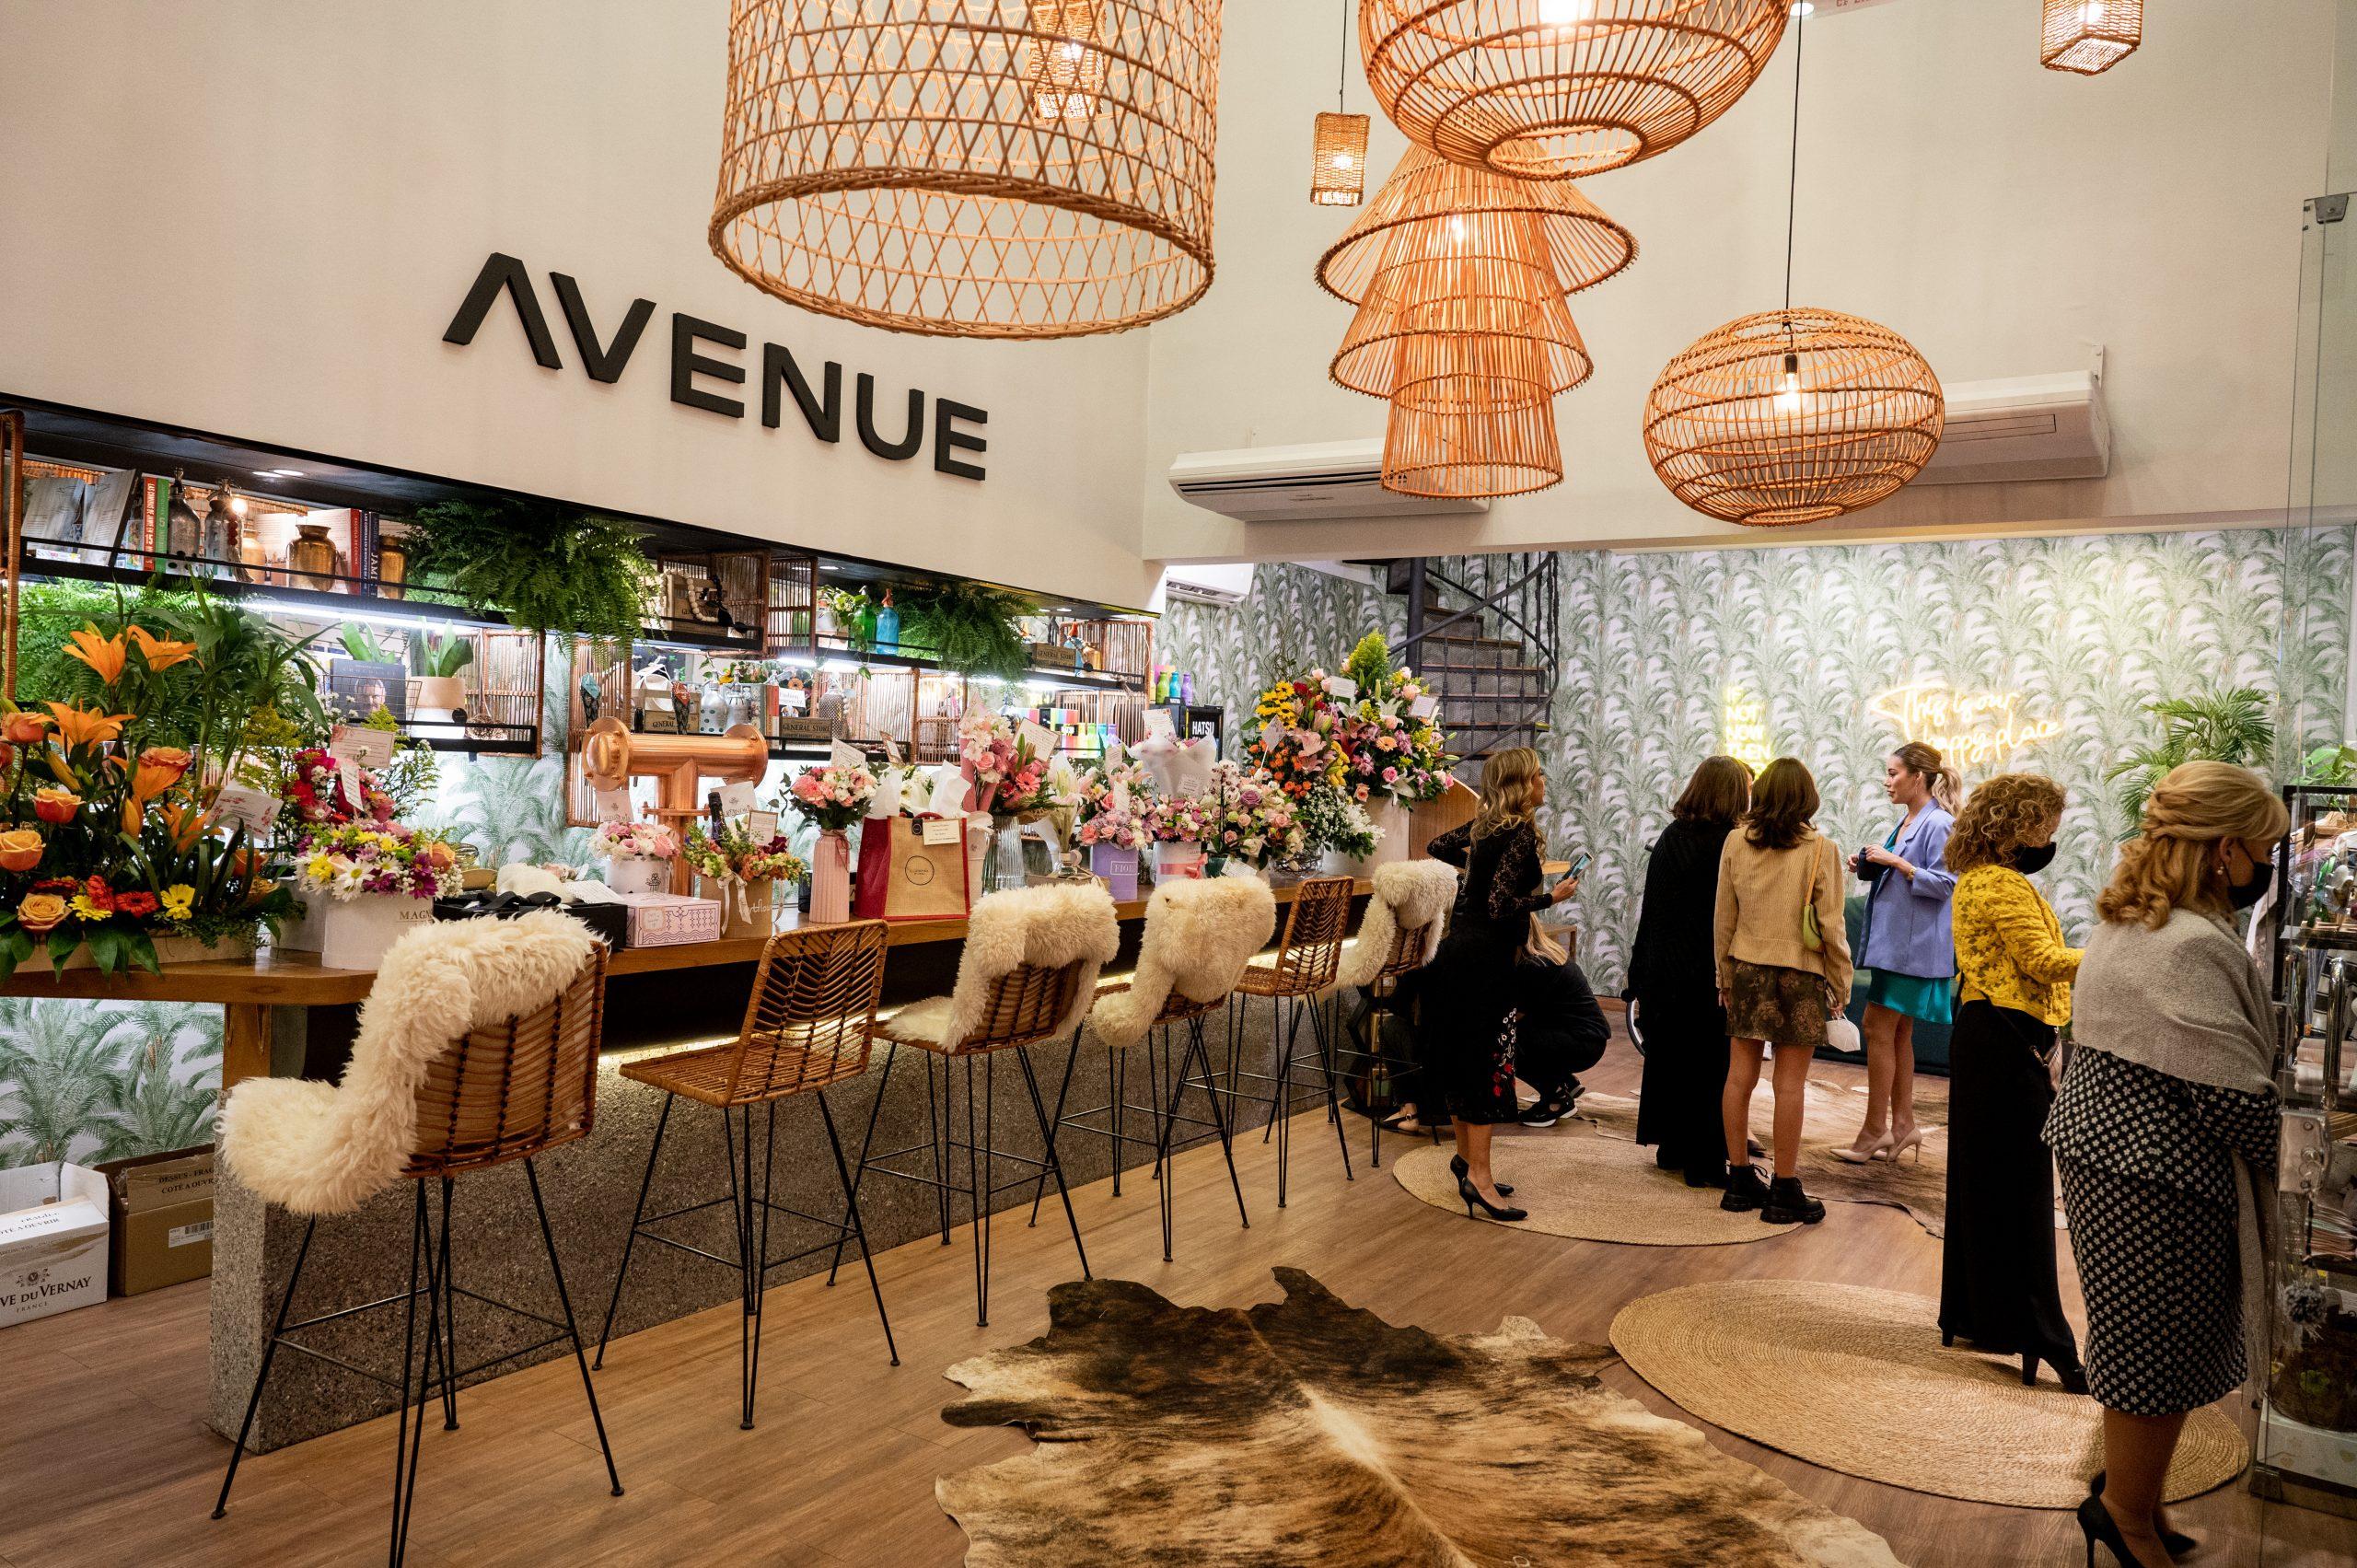 Avenue busca ofrecer un ambiente en el que comprar sea un placer. Foto: Gentileza.